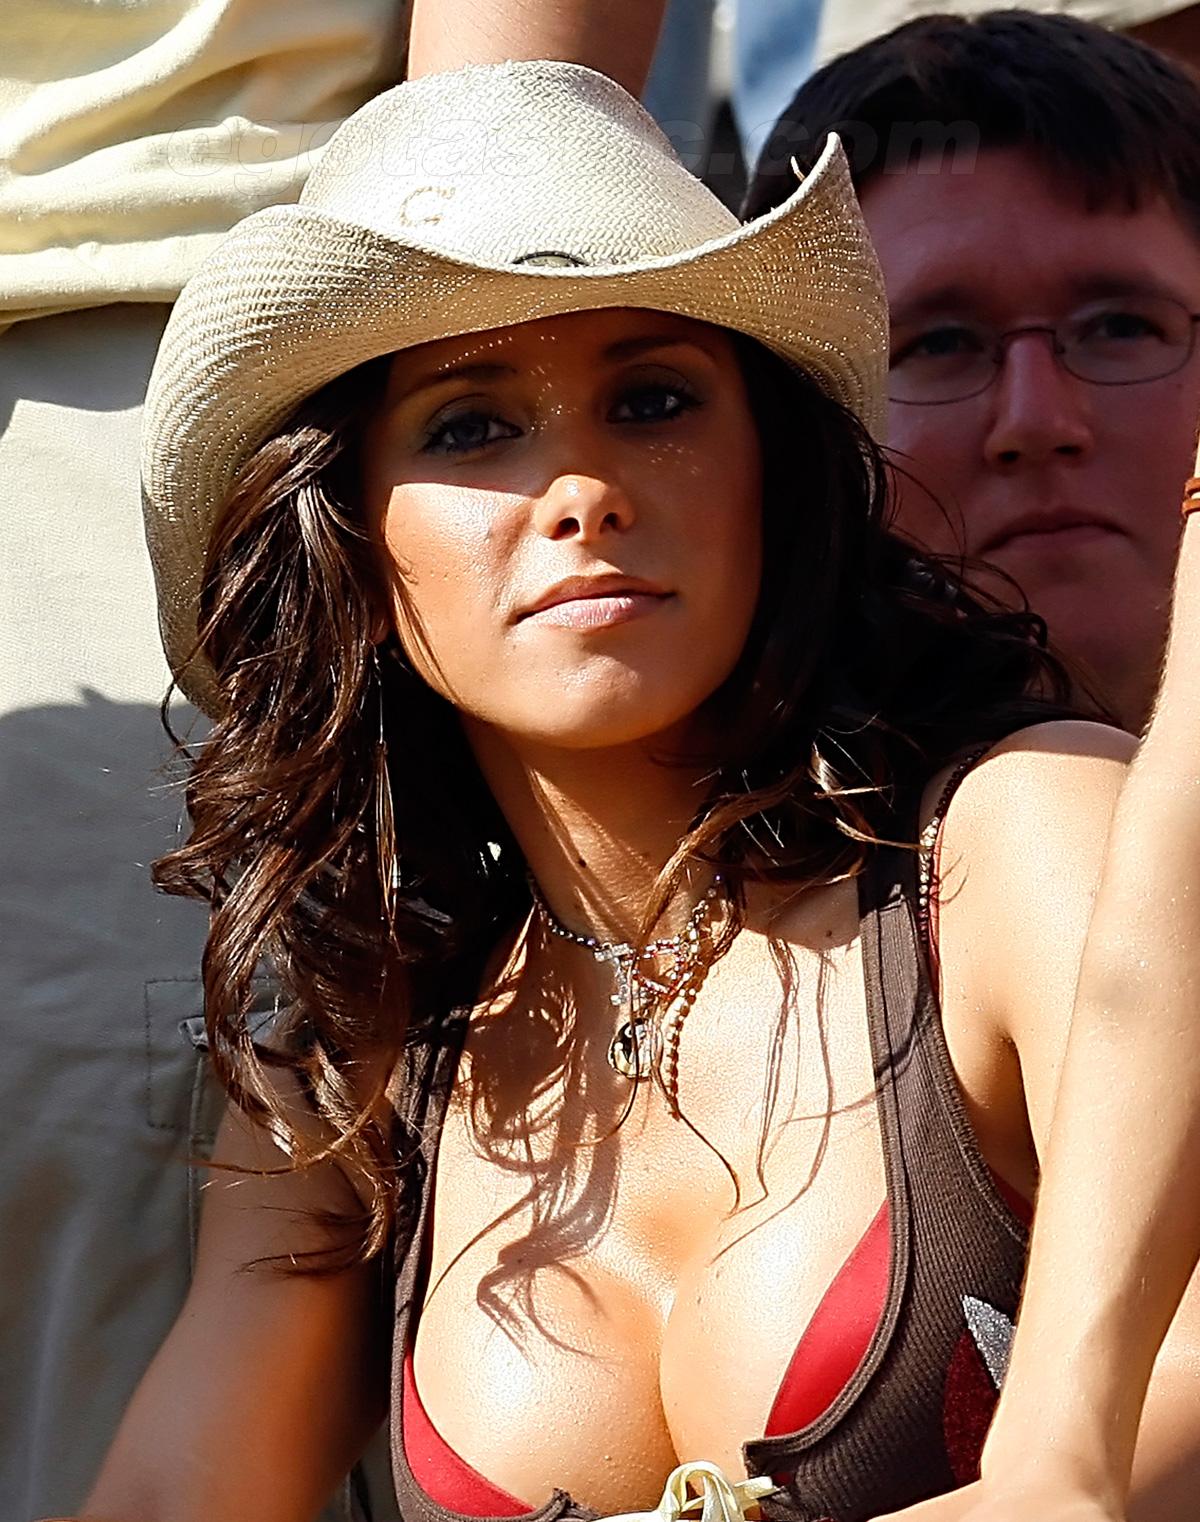 http://4.bp.blogspot.com/_WDCWEjl45FQ/TSSuUjrkWXI/AAAAAAAAB0U/z2ZcMaURigs/s1600/jenn-sterger-cowboy-hat-03.jpg